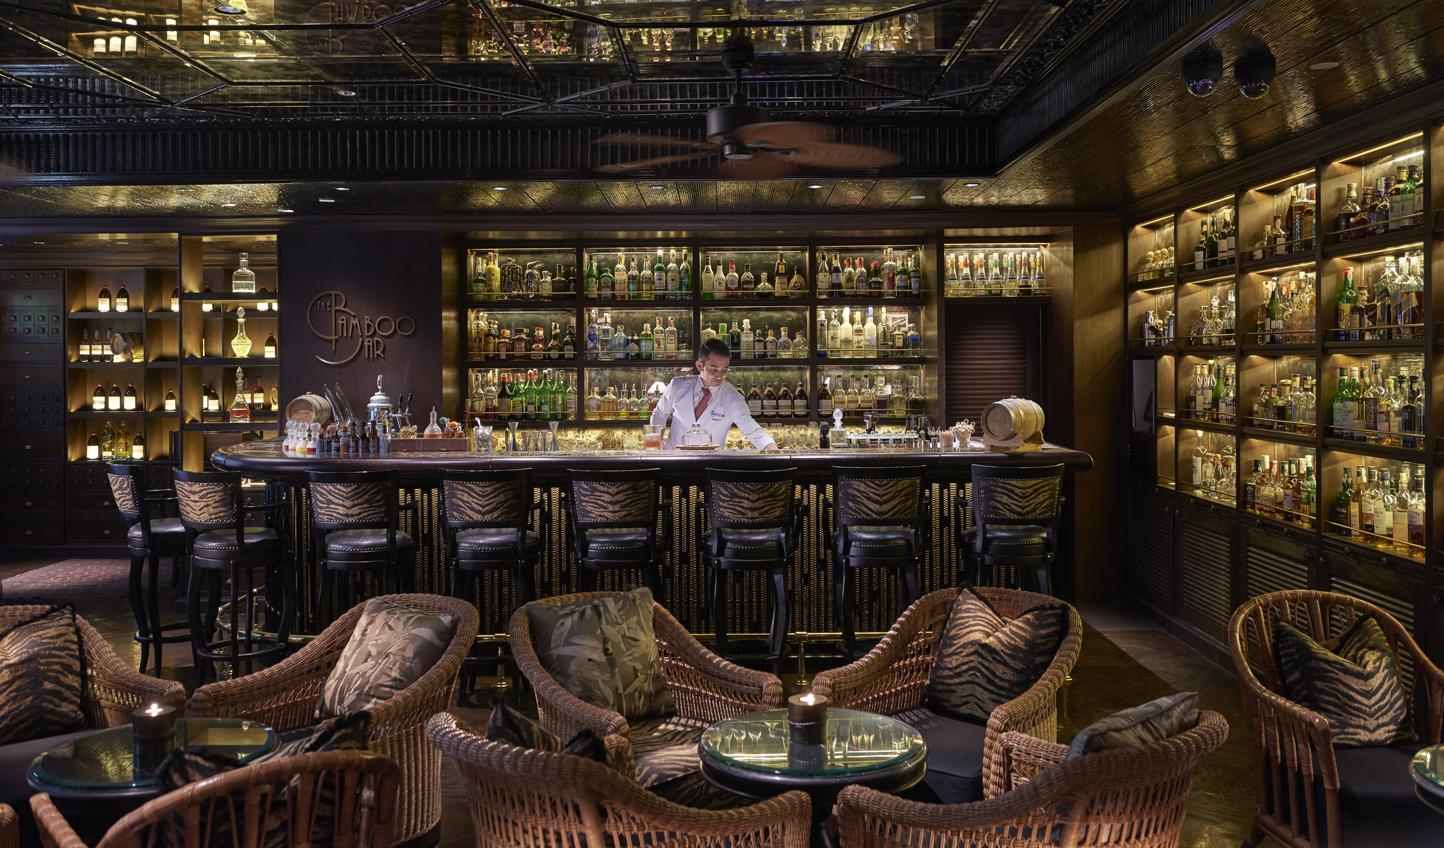 Enjoy an aperitif in the Bamboo Bar